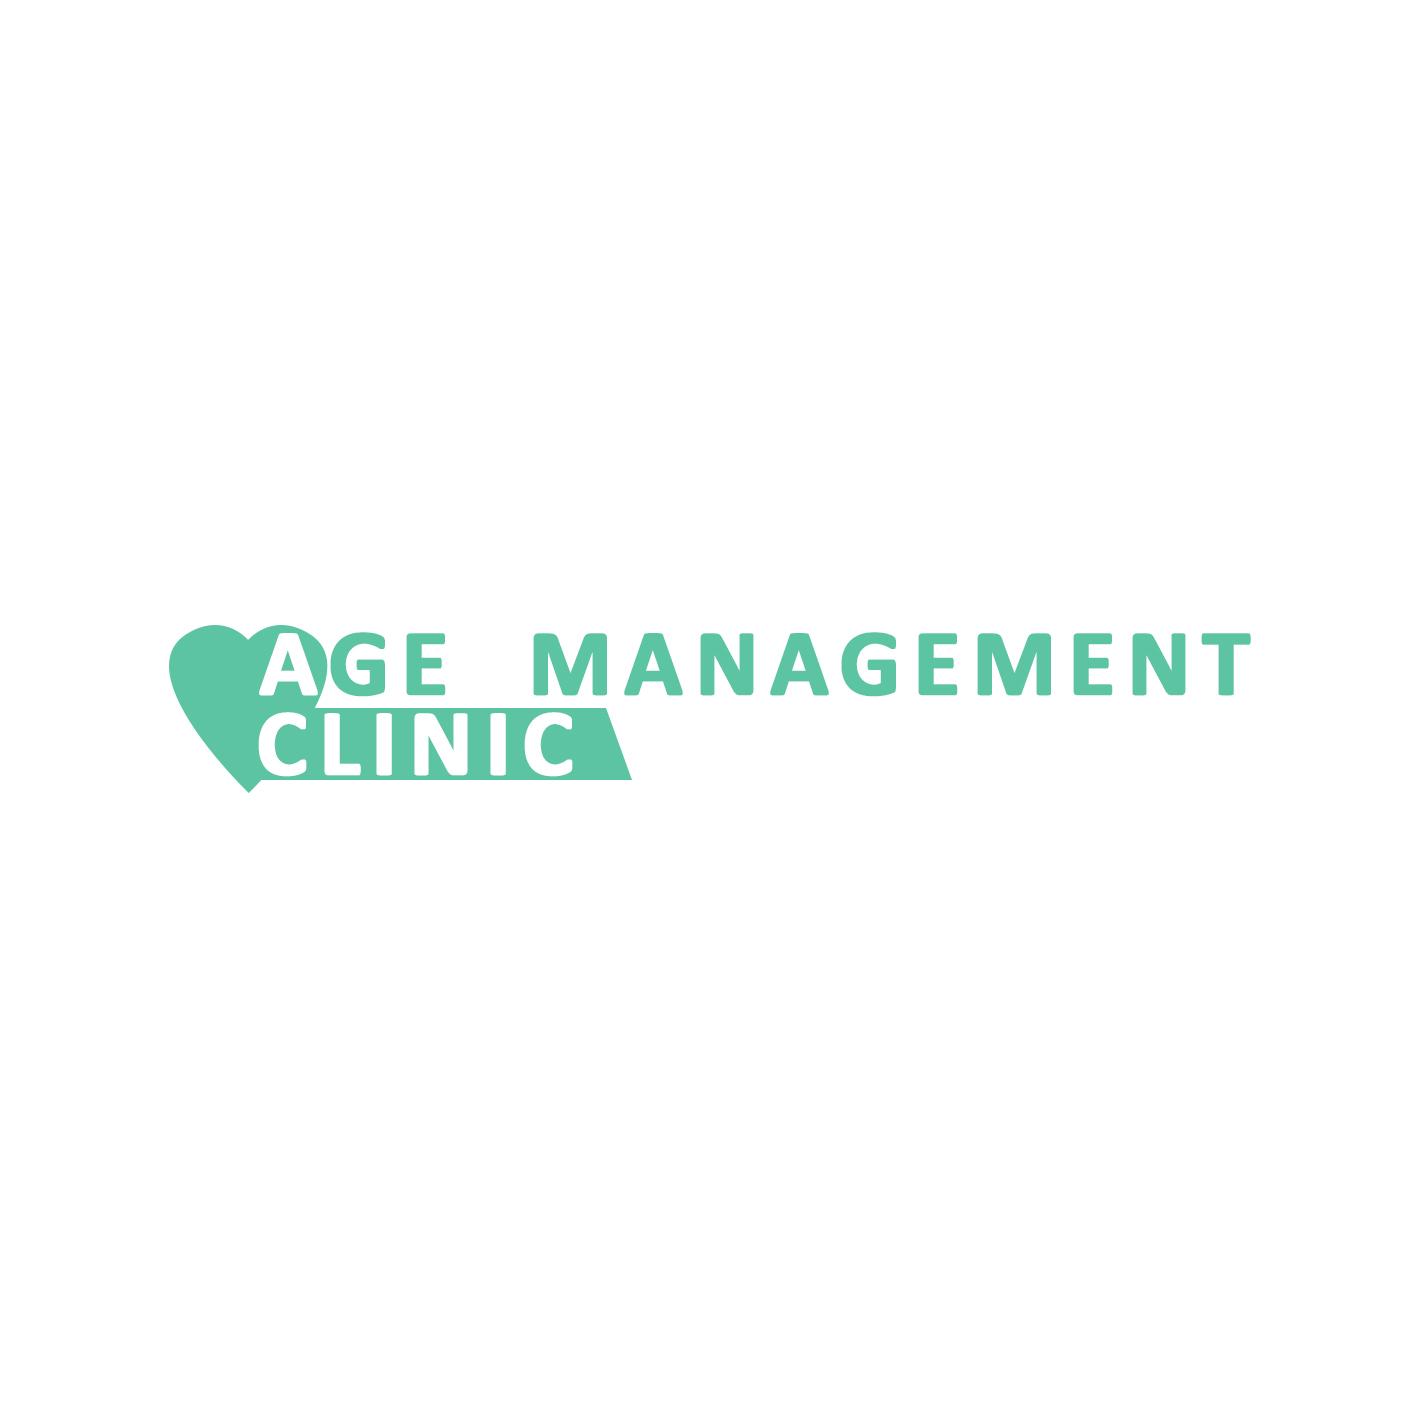 Логотип для медицинского центра (клиники)  фото f_1425b9a644044010.jpg